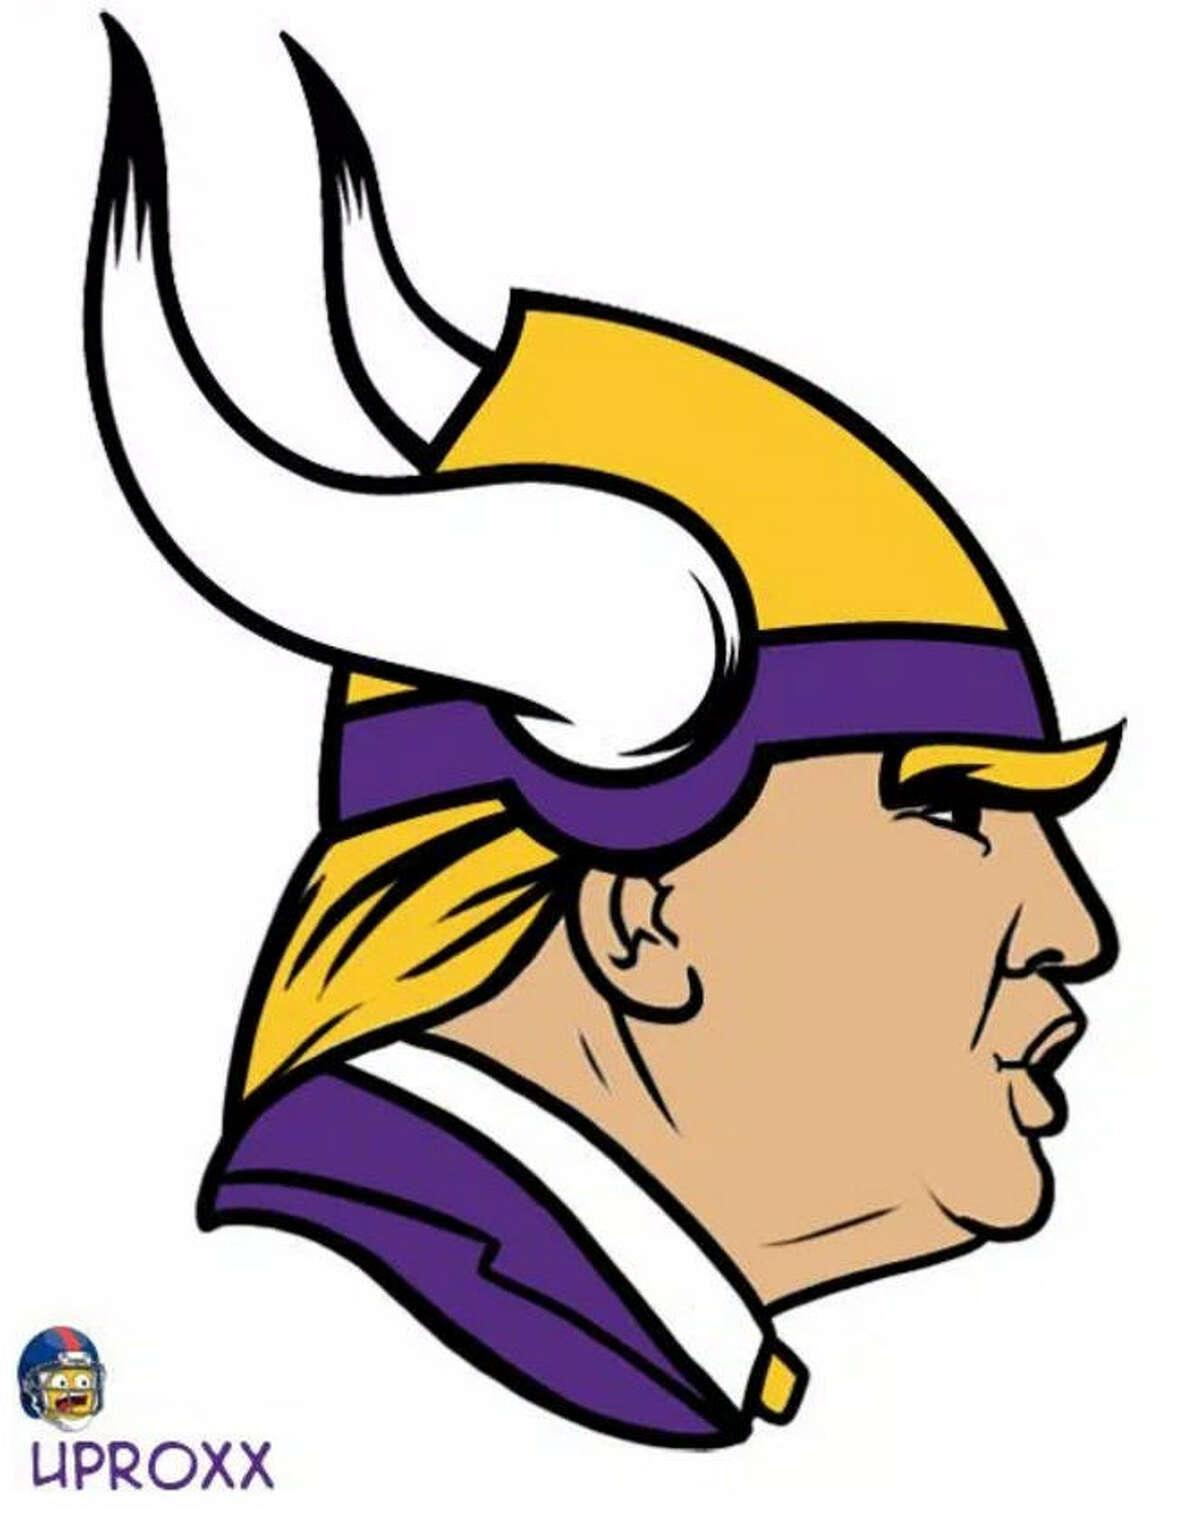 Minnesota Vikings asDonaldTrump